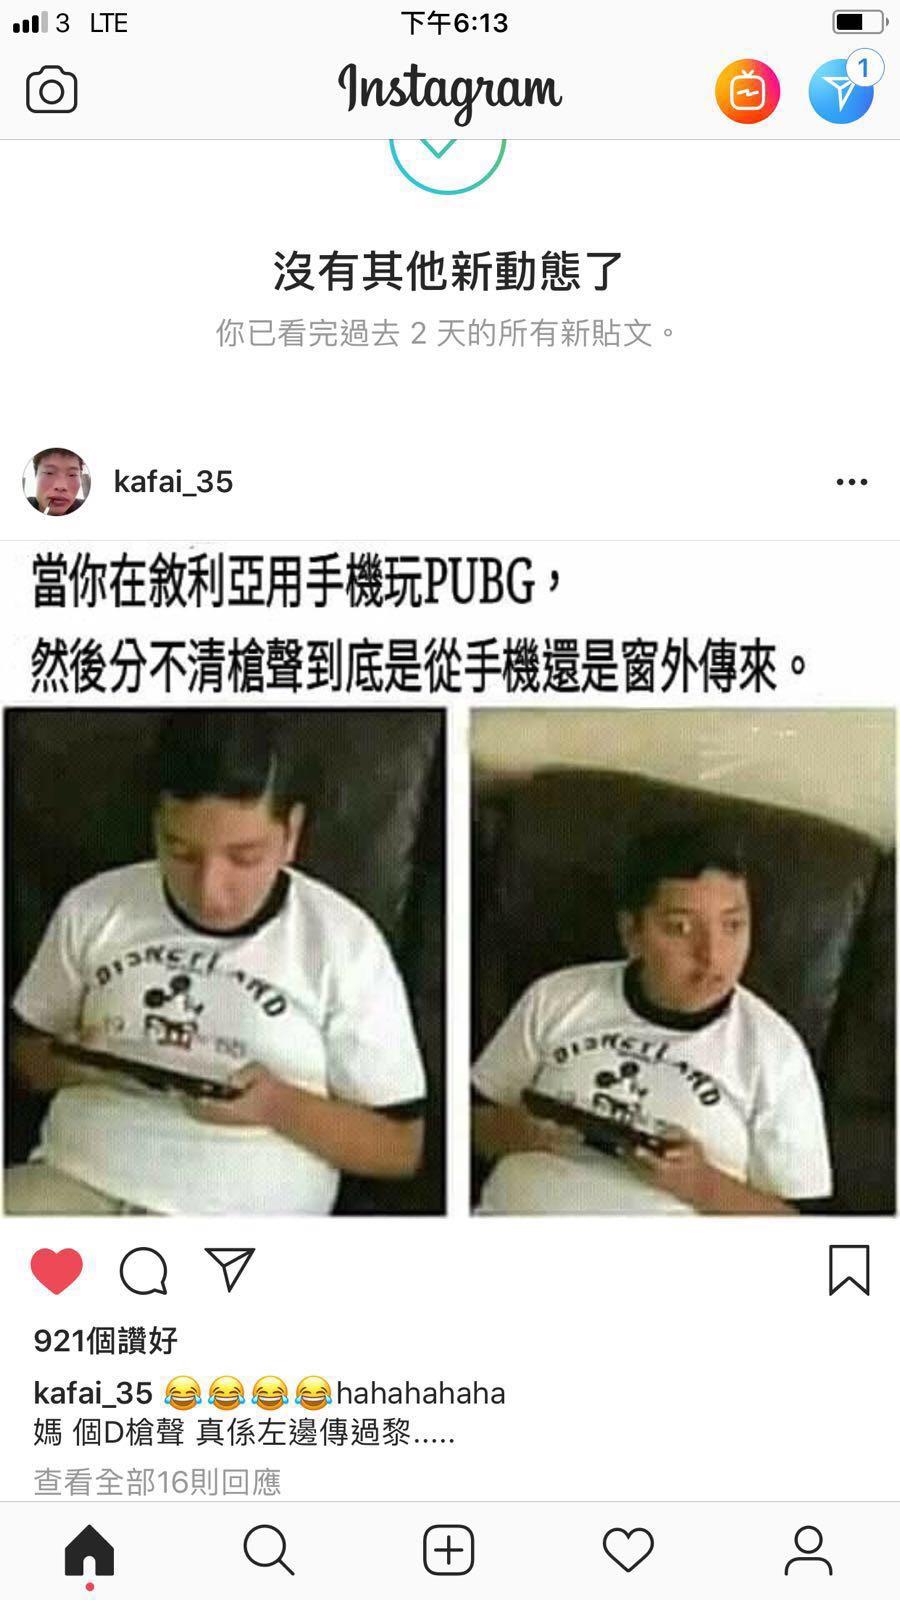 https://upload.cc/i1/2019/08/23/dz03Cl.png